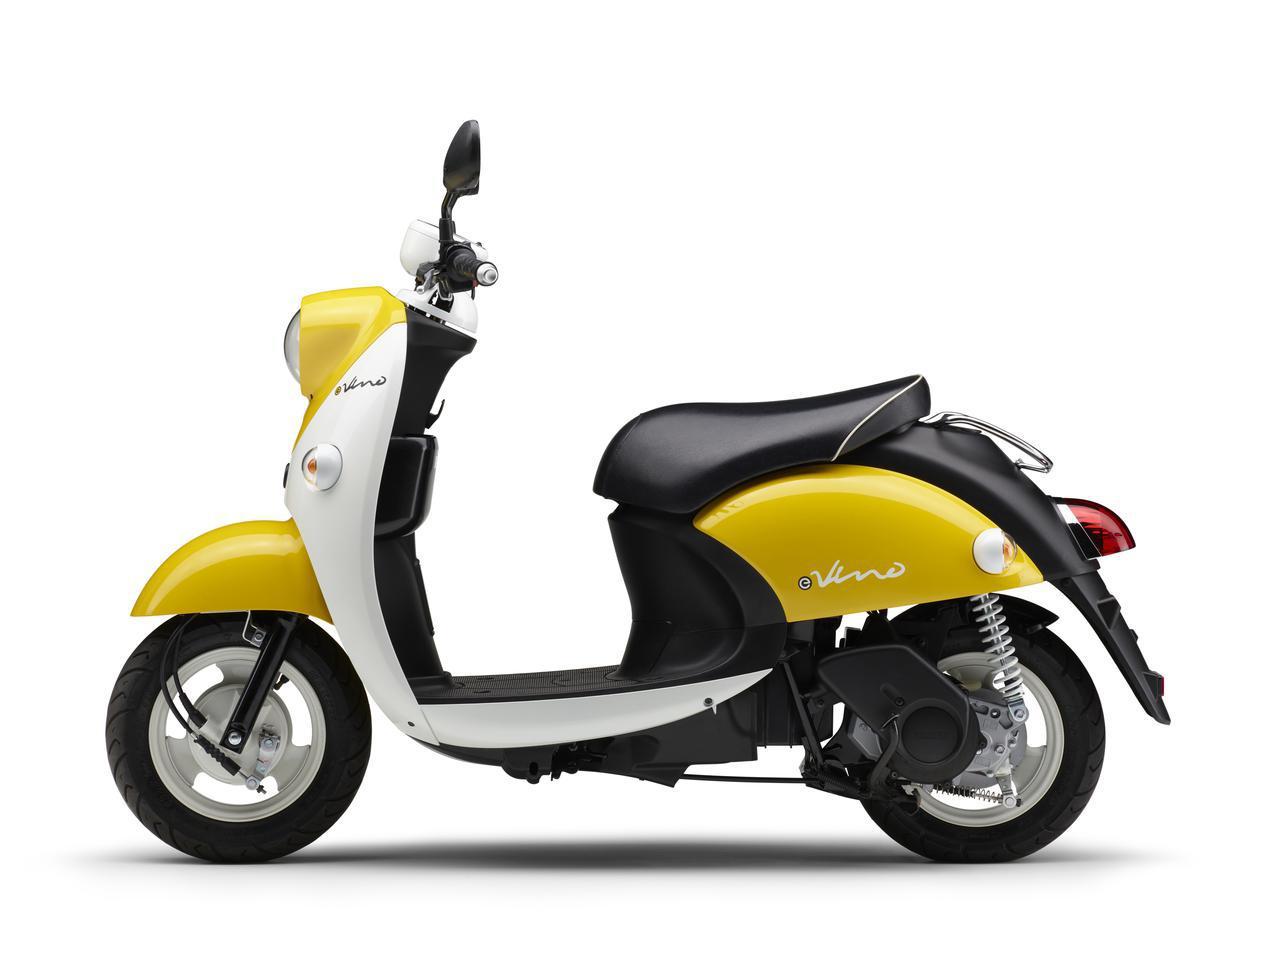 画像4: ヤマハが電動スクーター「E-Vino」(イービーノ)の2021年モデルを発売! 初のカラーチェンジでイメージを一新